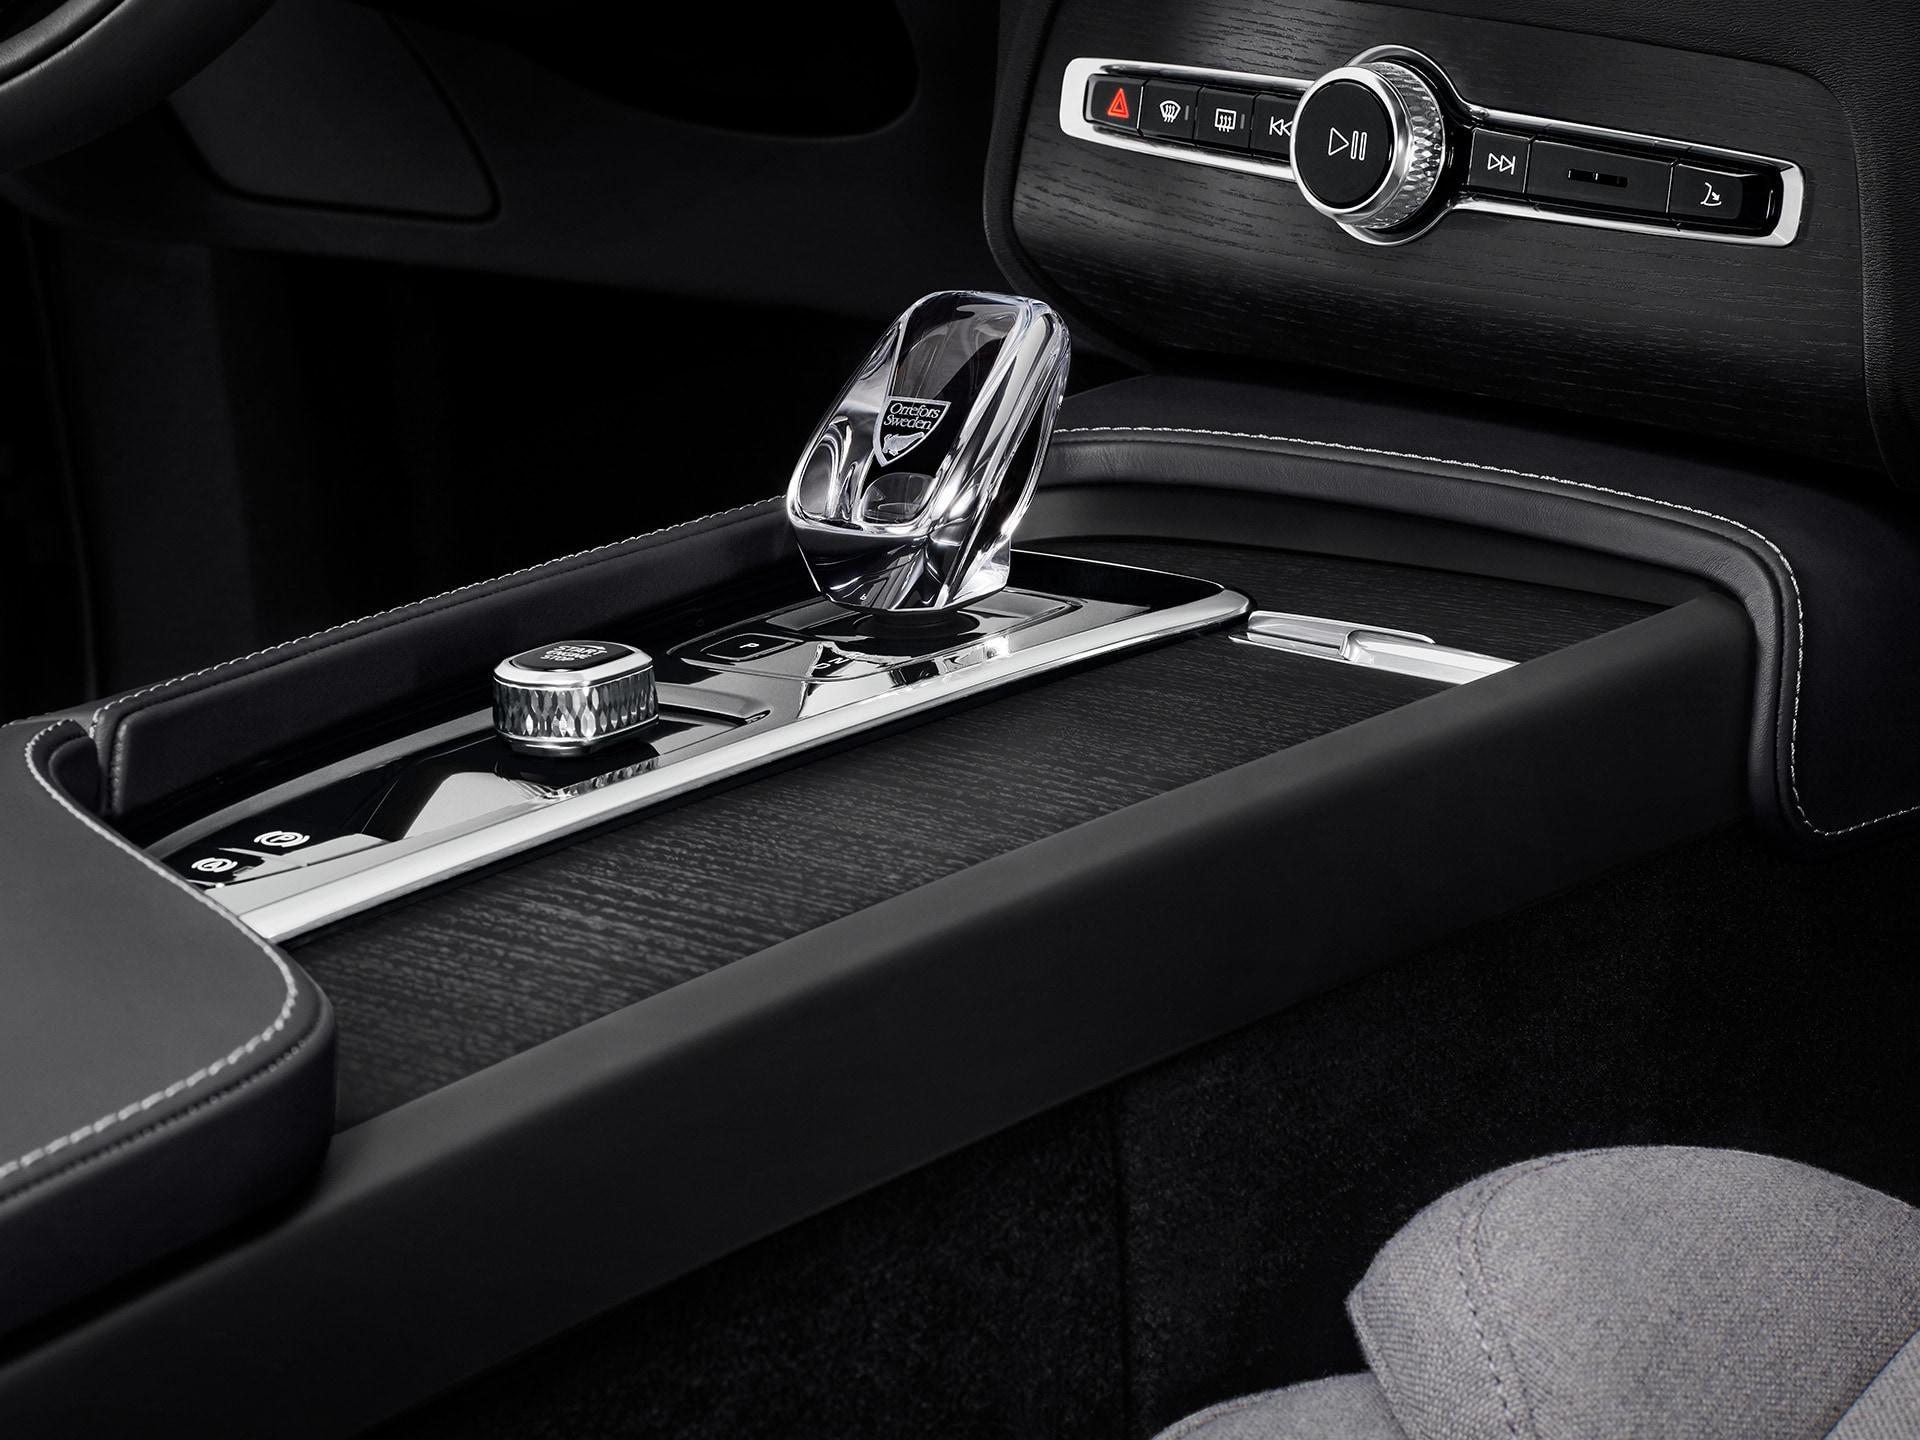 داخل سيارة فولفو الرياضية متعددة الاستخدامات، مقبض ناقل حركة بلوري